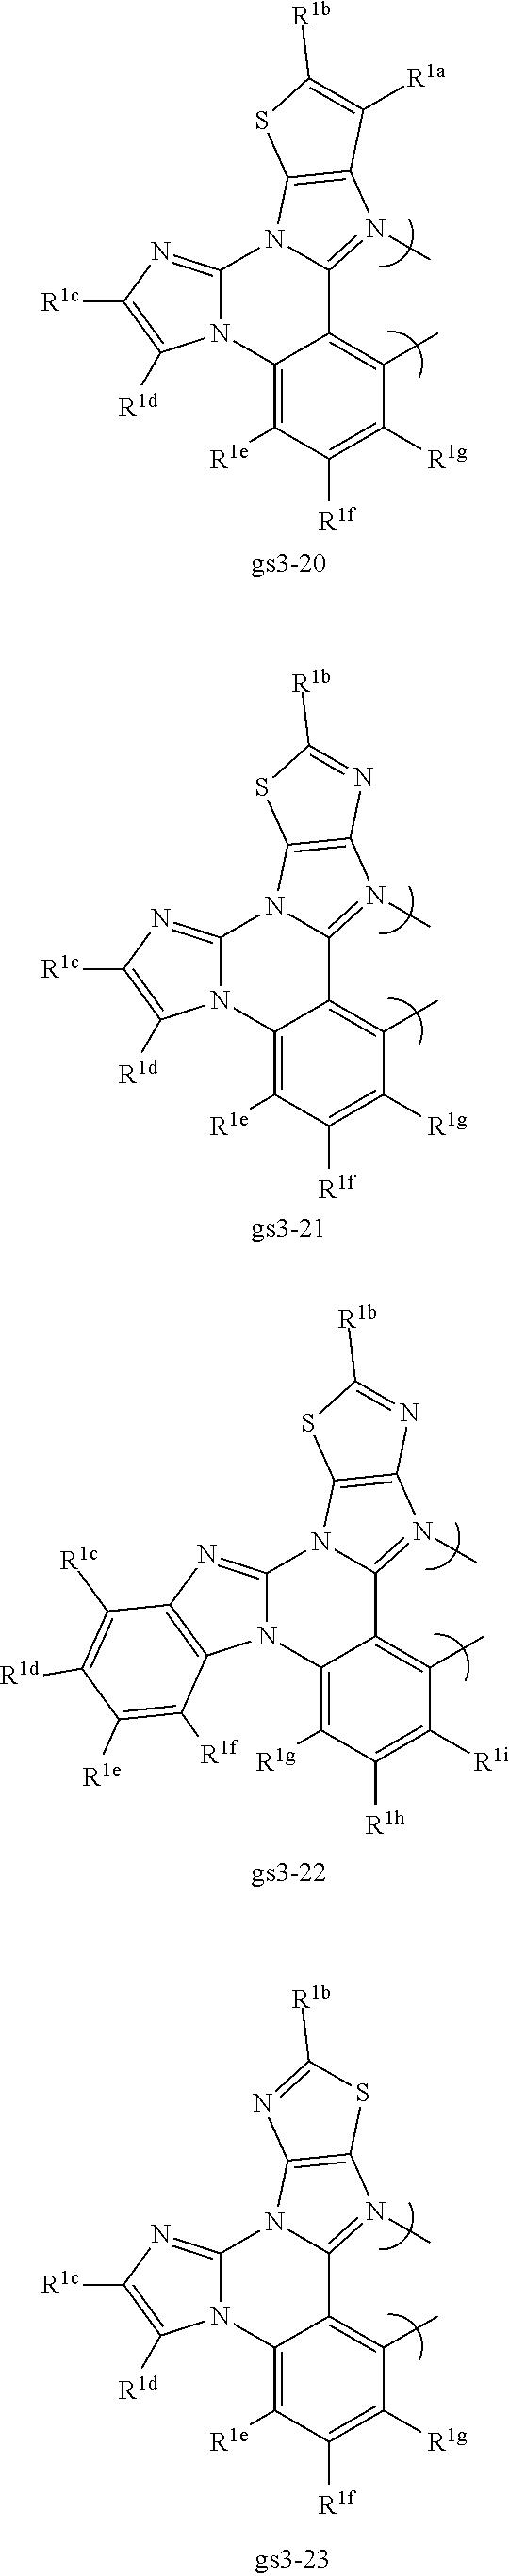 Figure US07915415-20110329-C00022